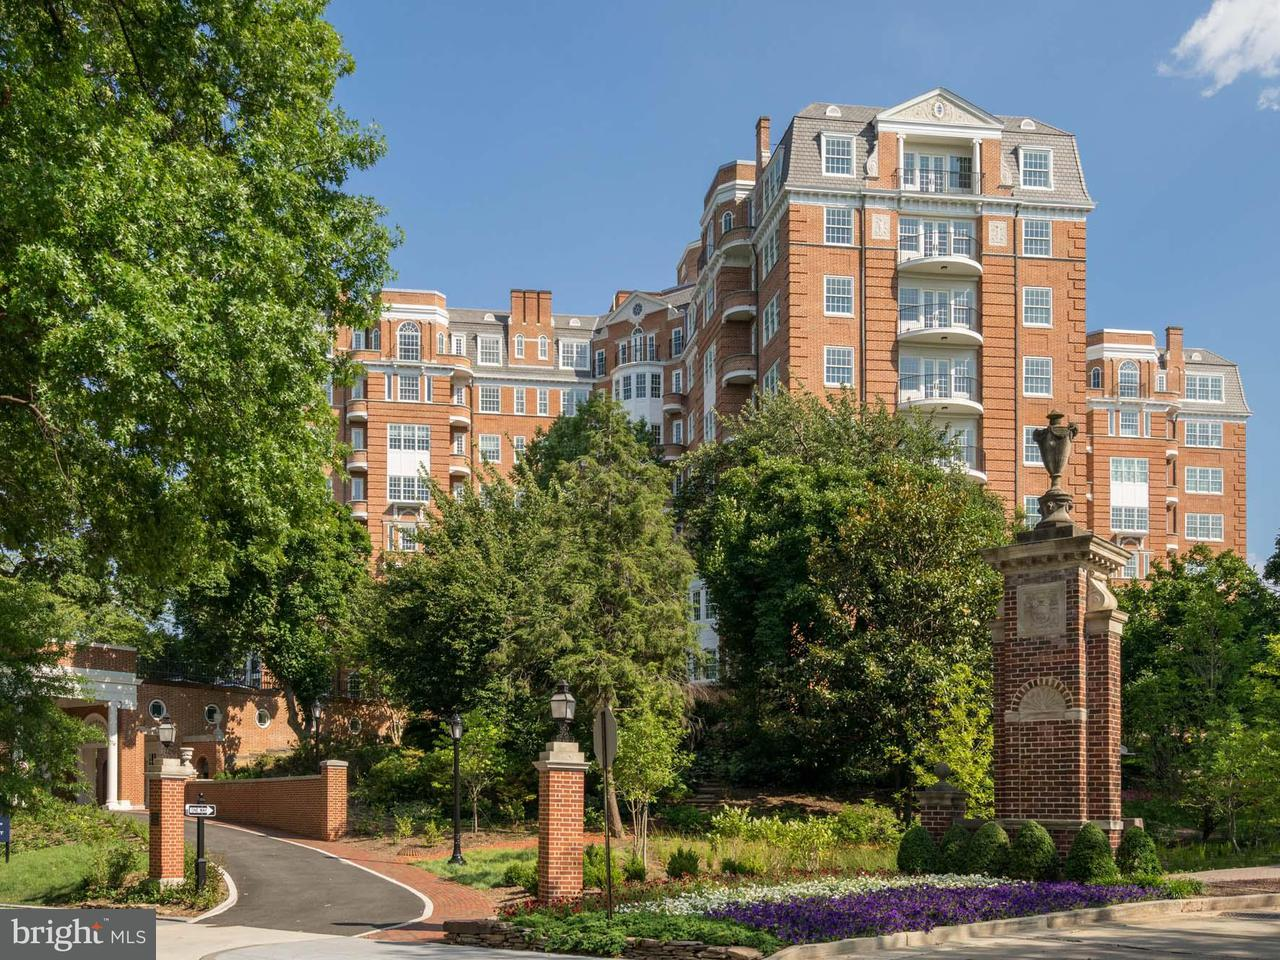 Condominium for Sale at 2660 Connecticut Ave Nw #4c 2660 Connecticut Ave Nw #4c Washington, District Of Columbia 20008 United States